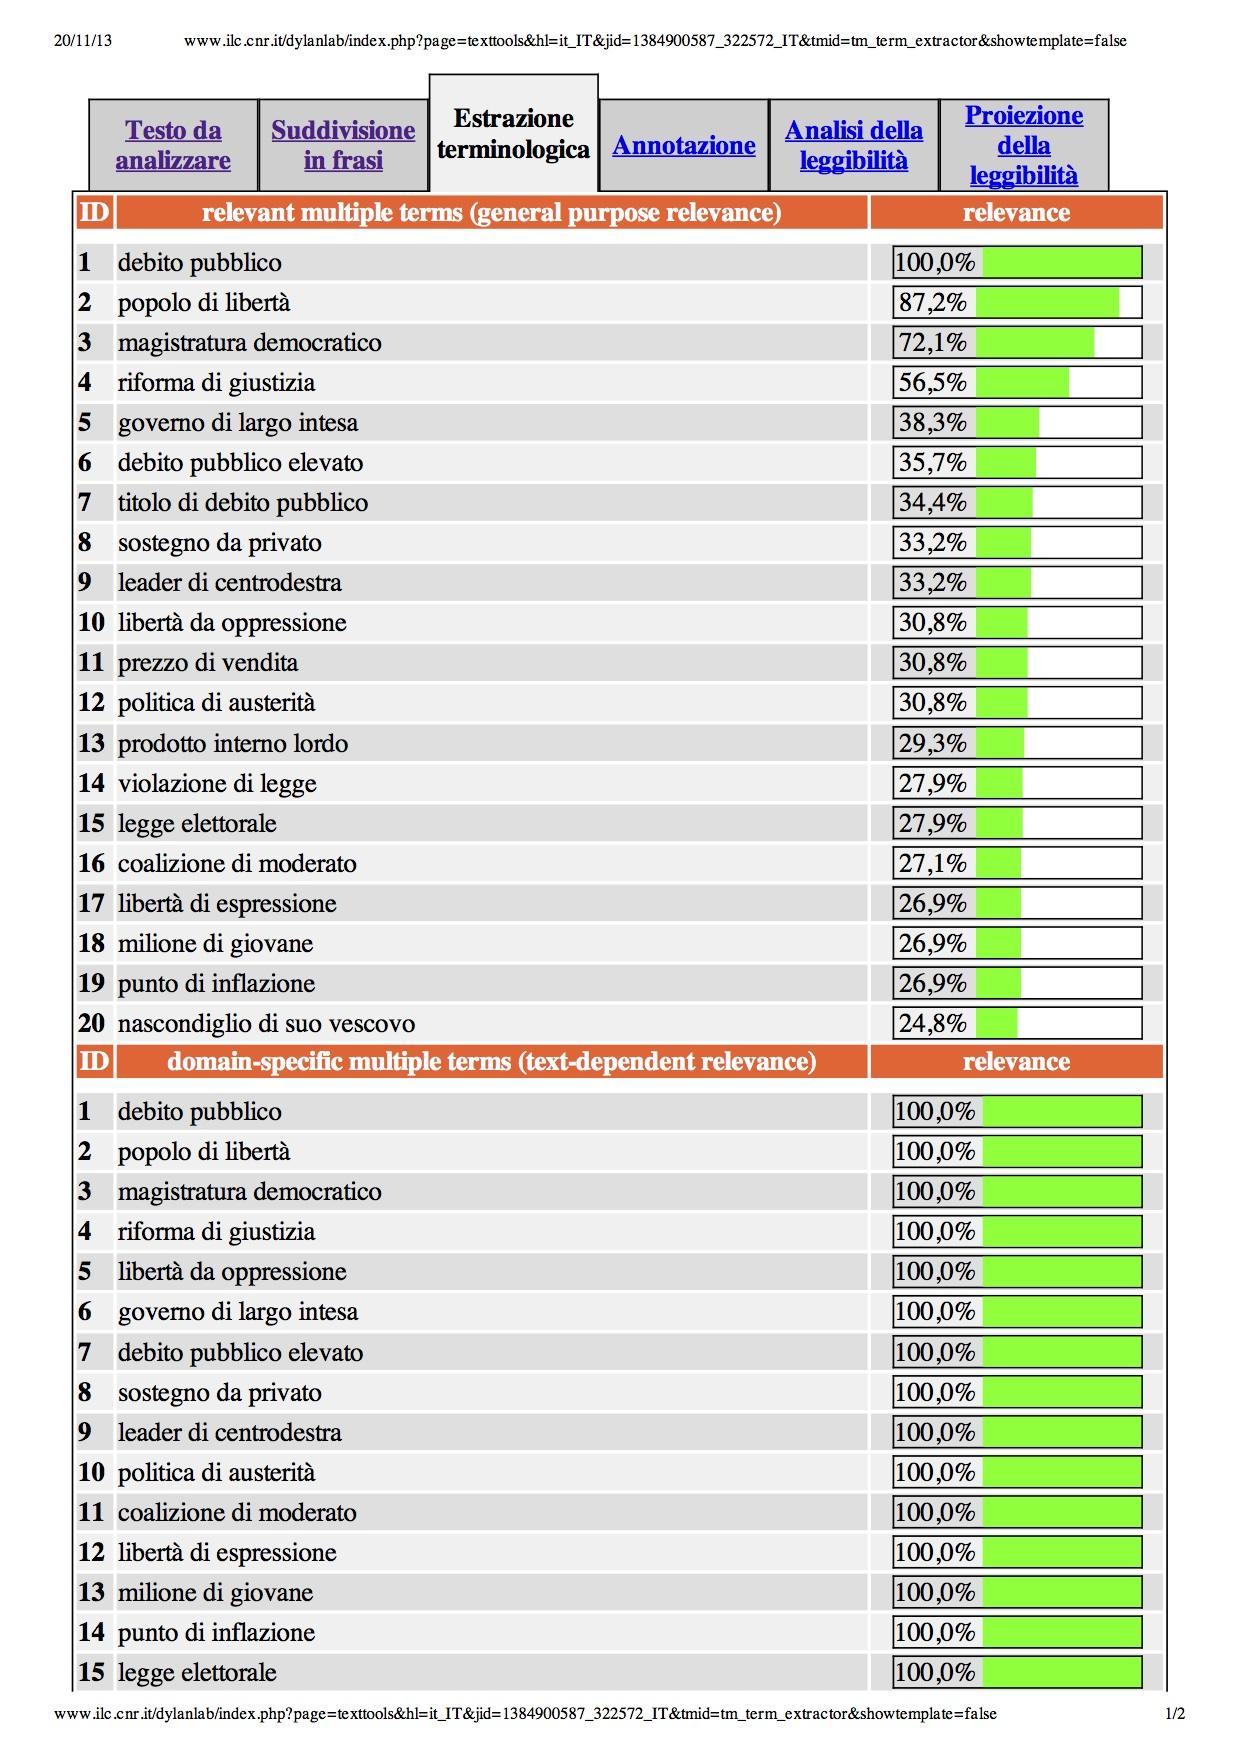 Analisi linguistica discorso di Berlusconi